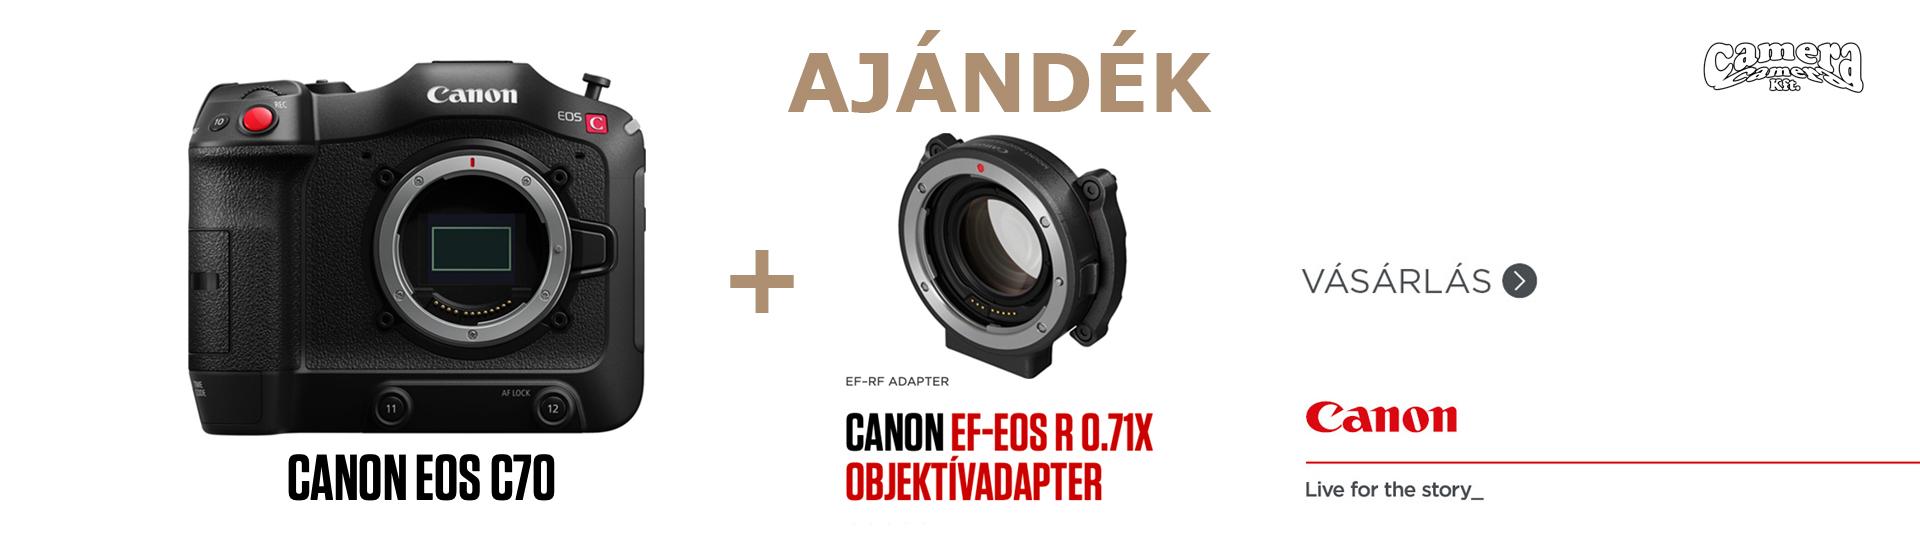 Canon EOS C70 akció